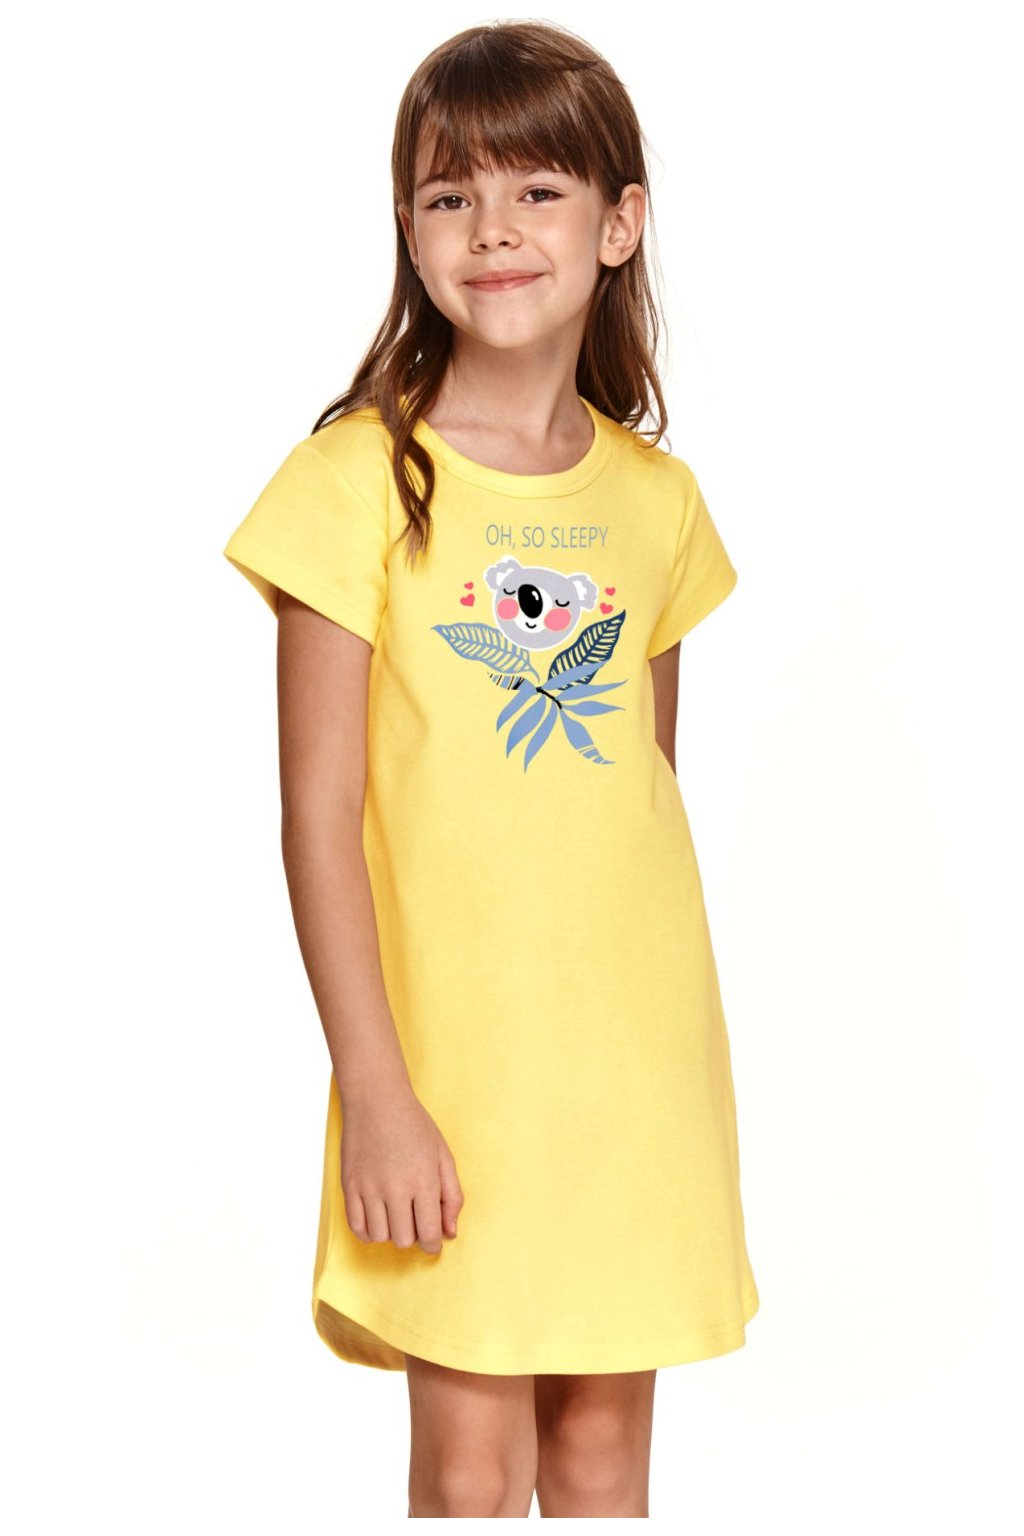 Kvalitní žlutá dívčí noční košilka značky Taro Matylda.